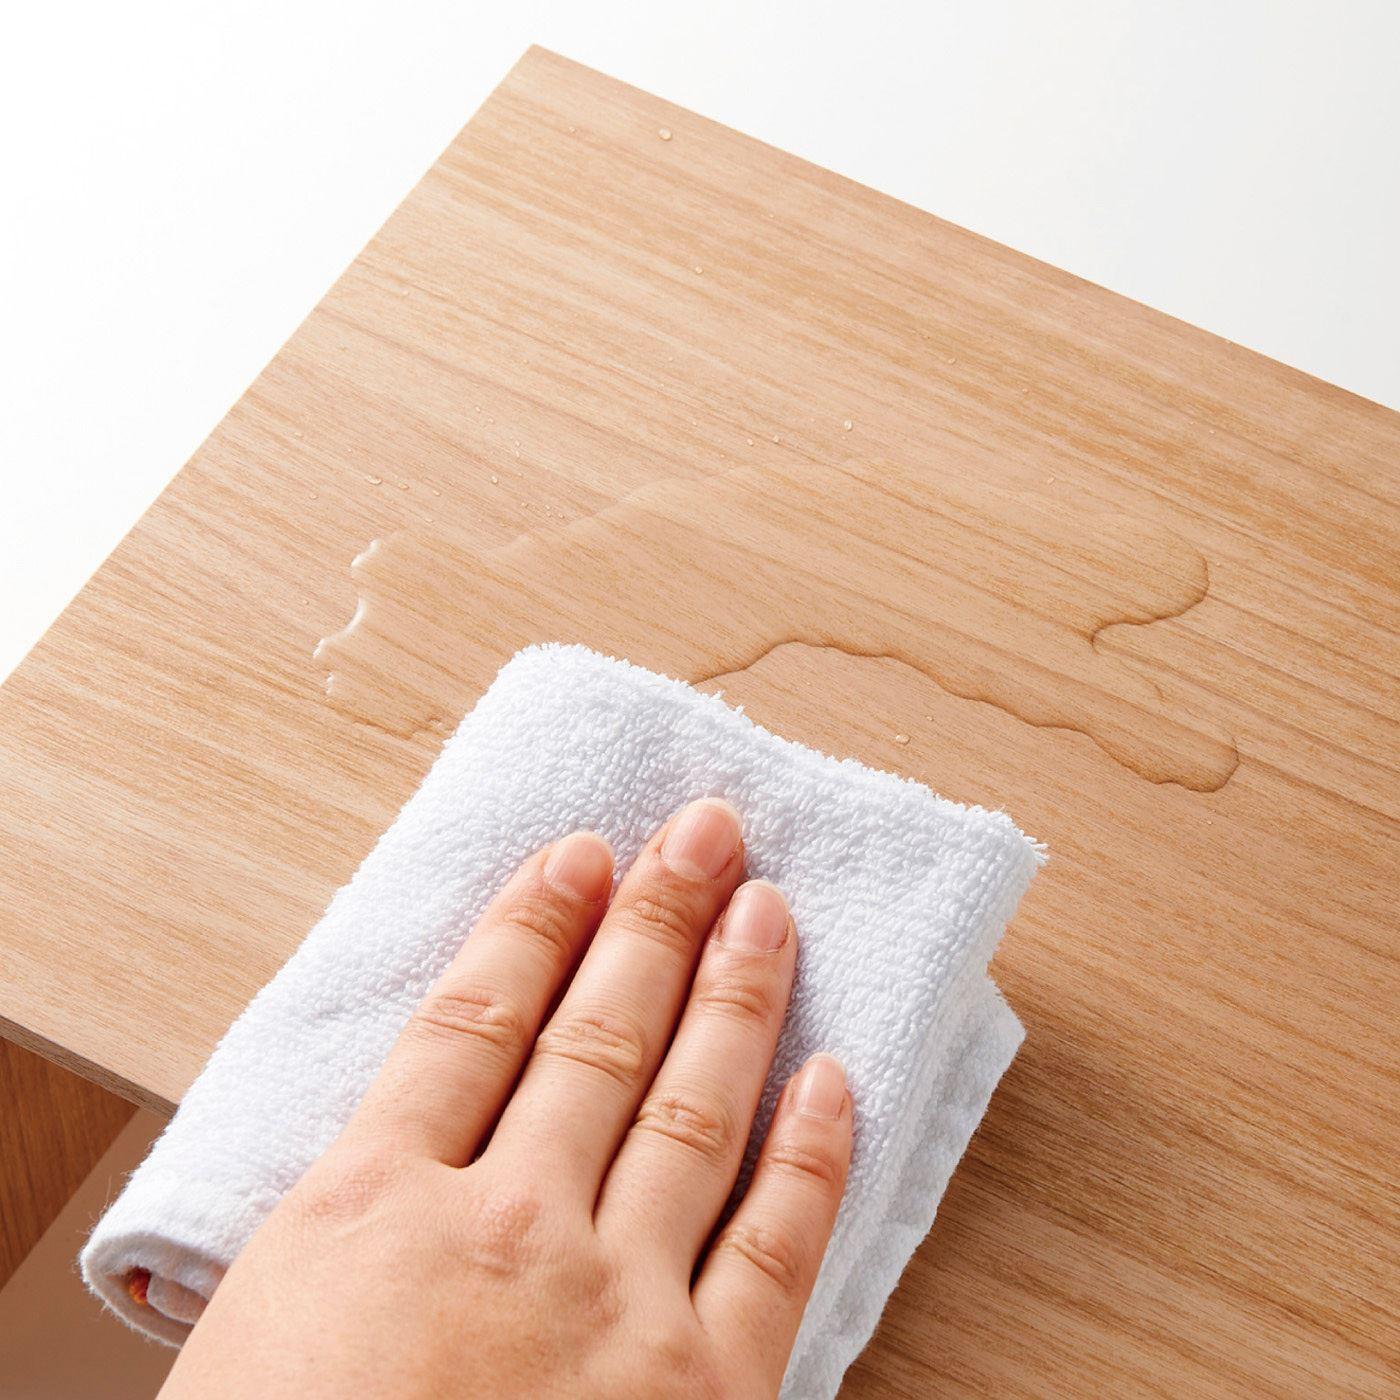 表面の樹脂シートは汚れと傷に強く、水分もさっとふき取れます。